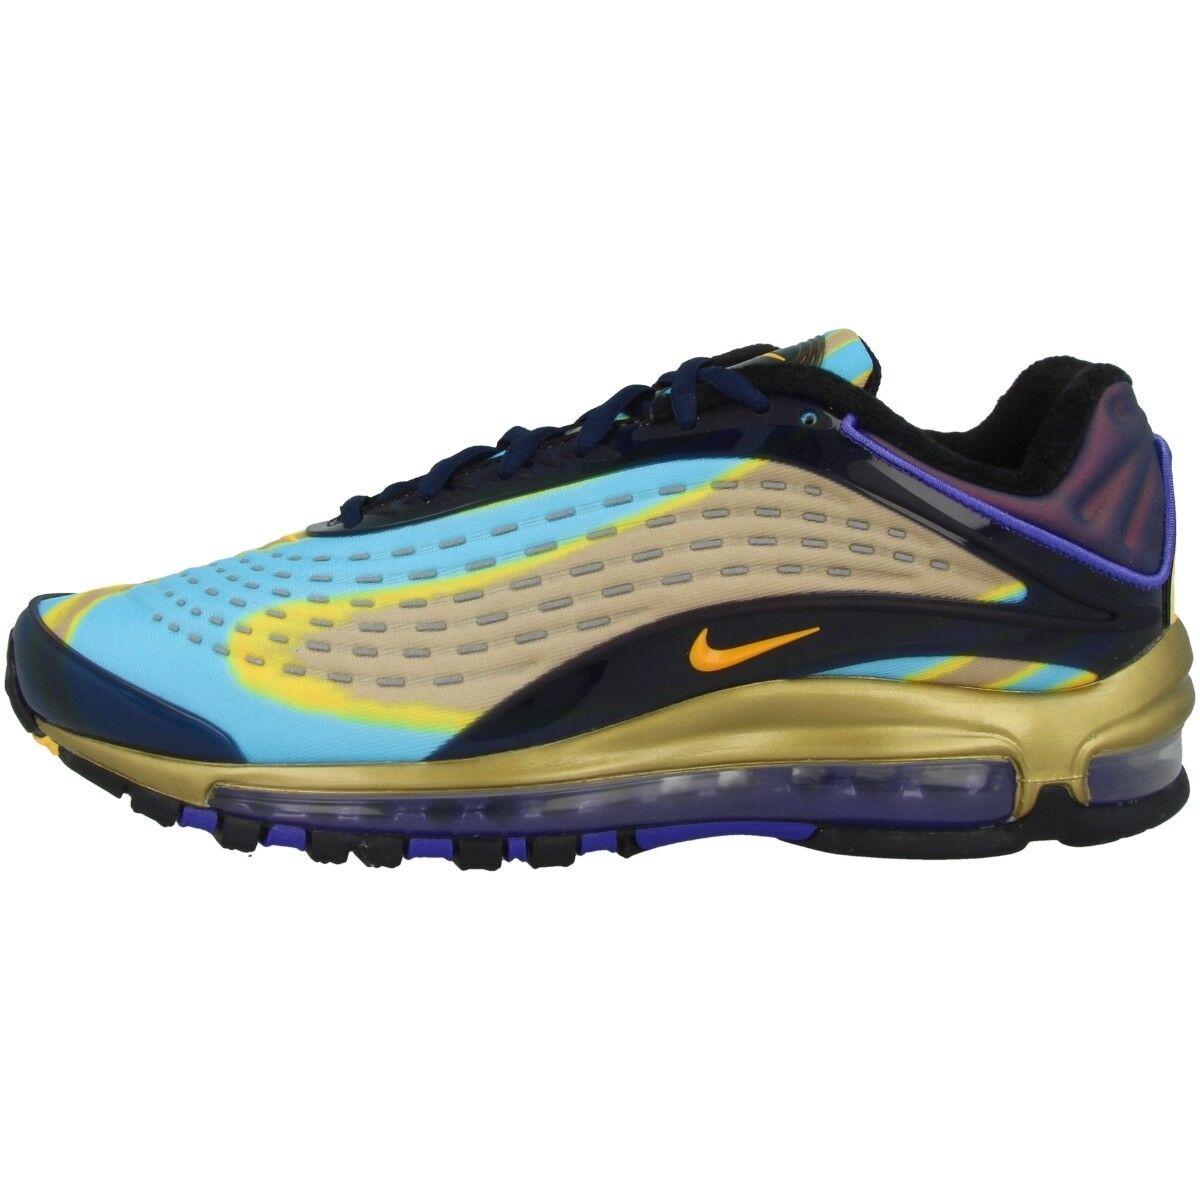 Nike Air Sport Max Deluxe Schuhe Herren Sport Air Freizeit Sneaker navy orange AJ7831-400 63b422